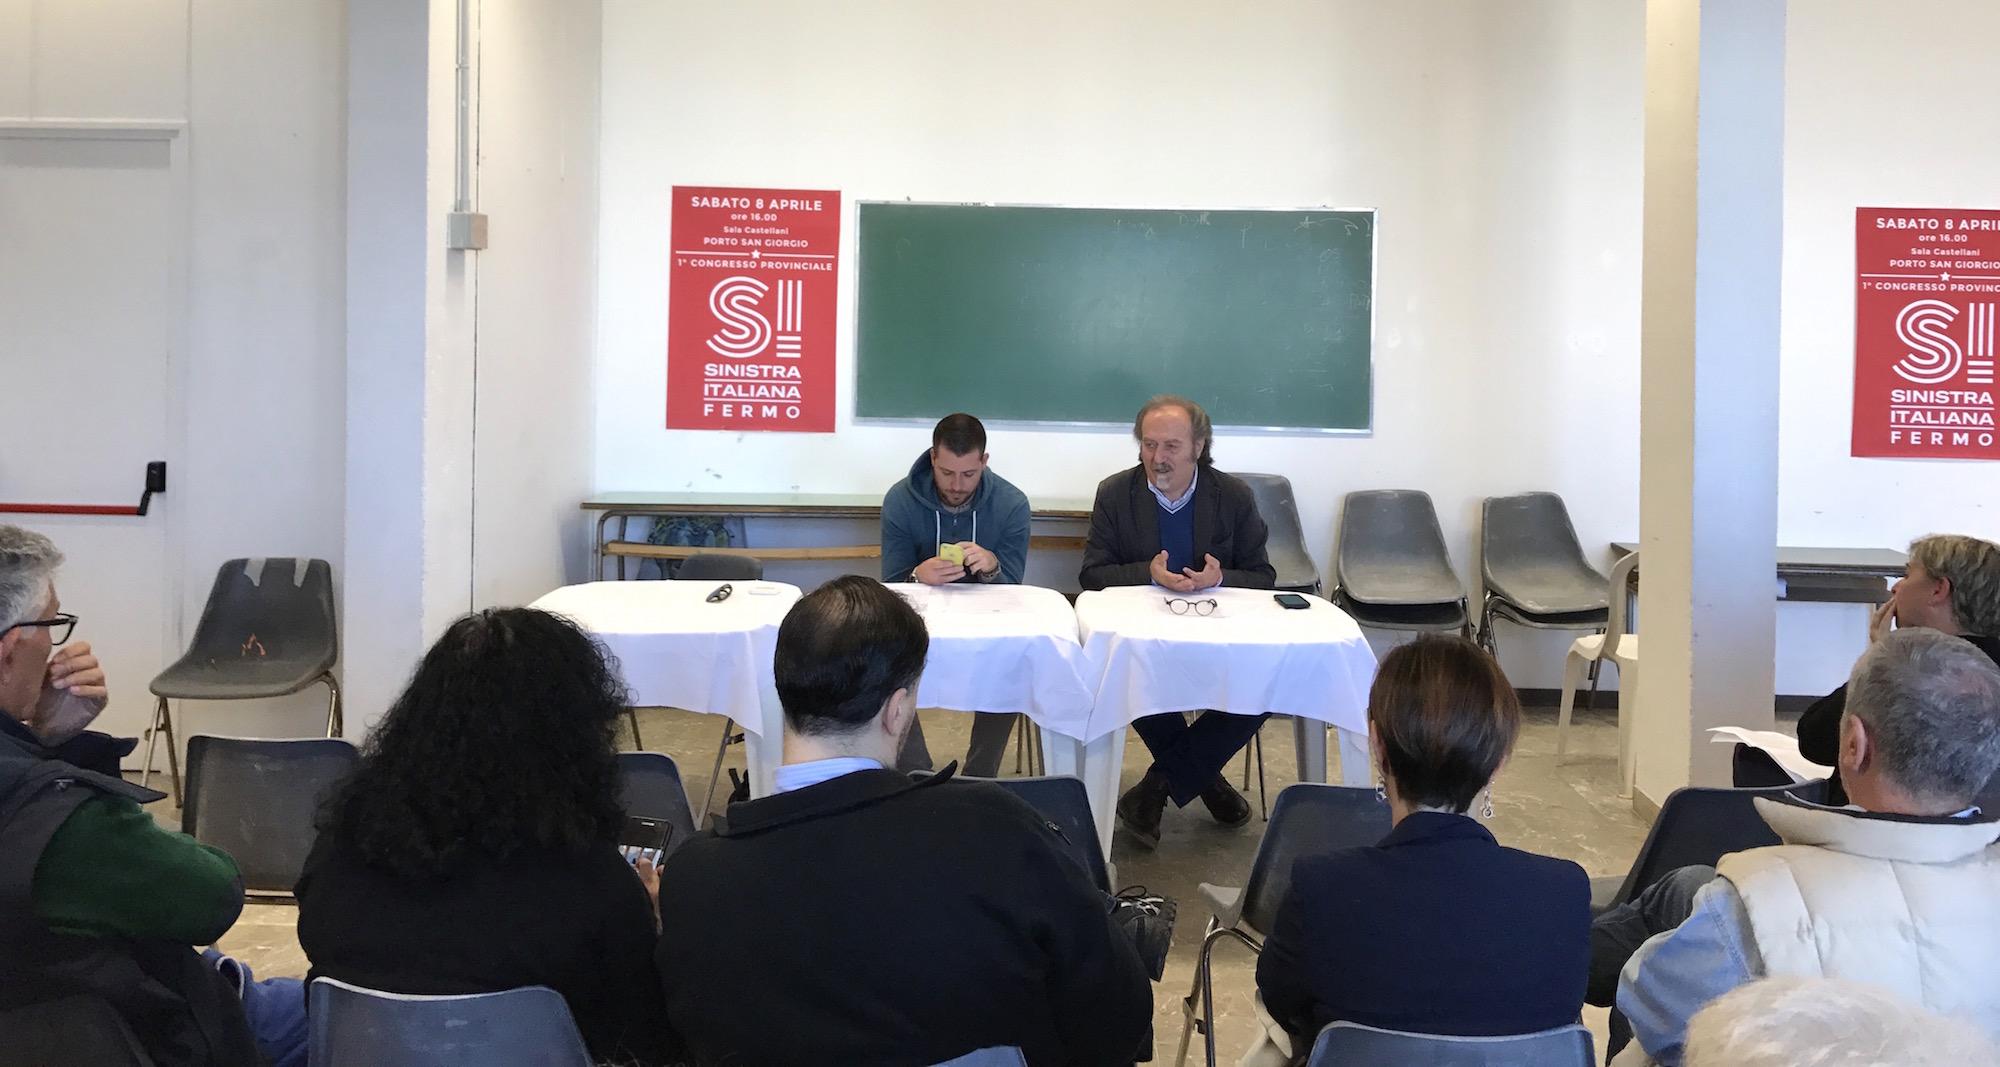 Sinistra Italiana: Guerrieri segretario provinciale di Reggio Calabria